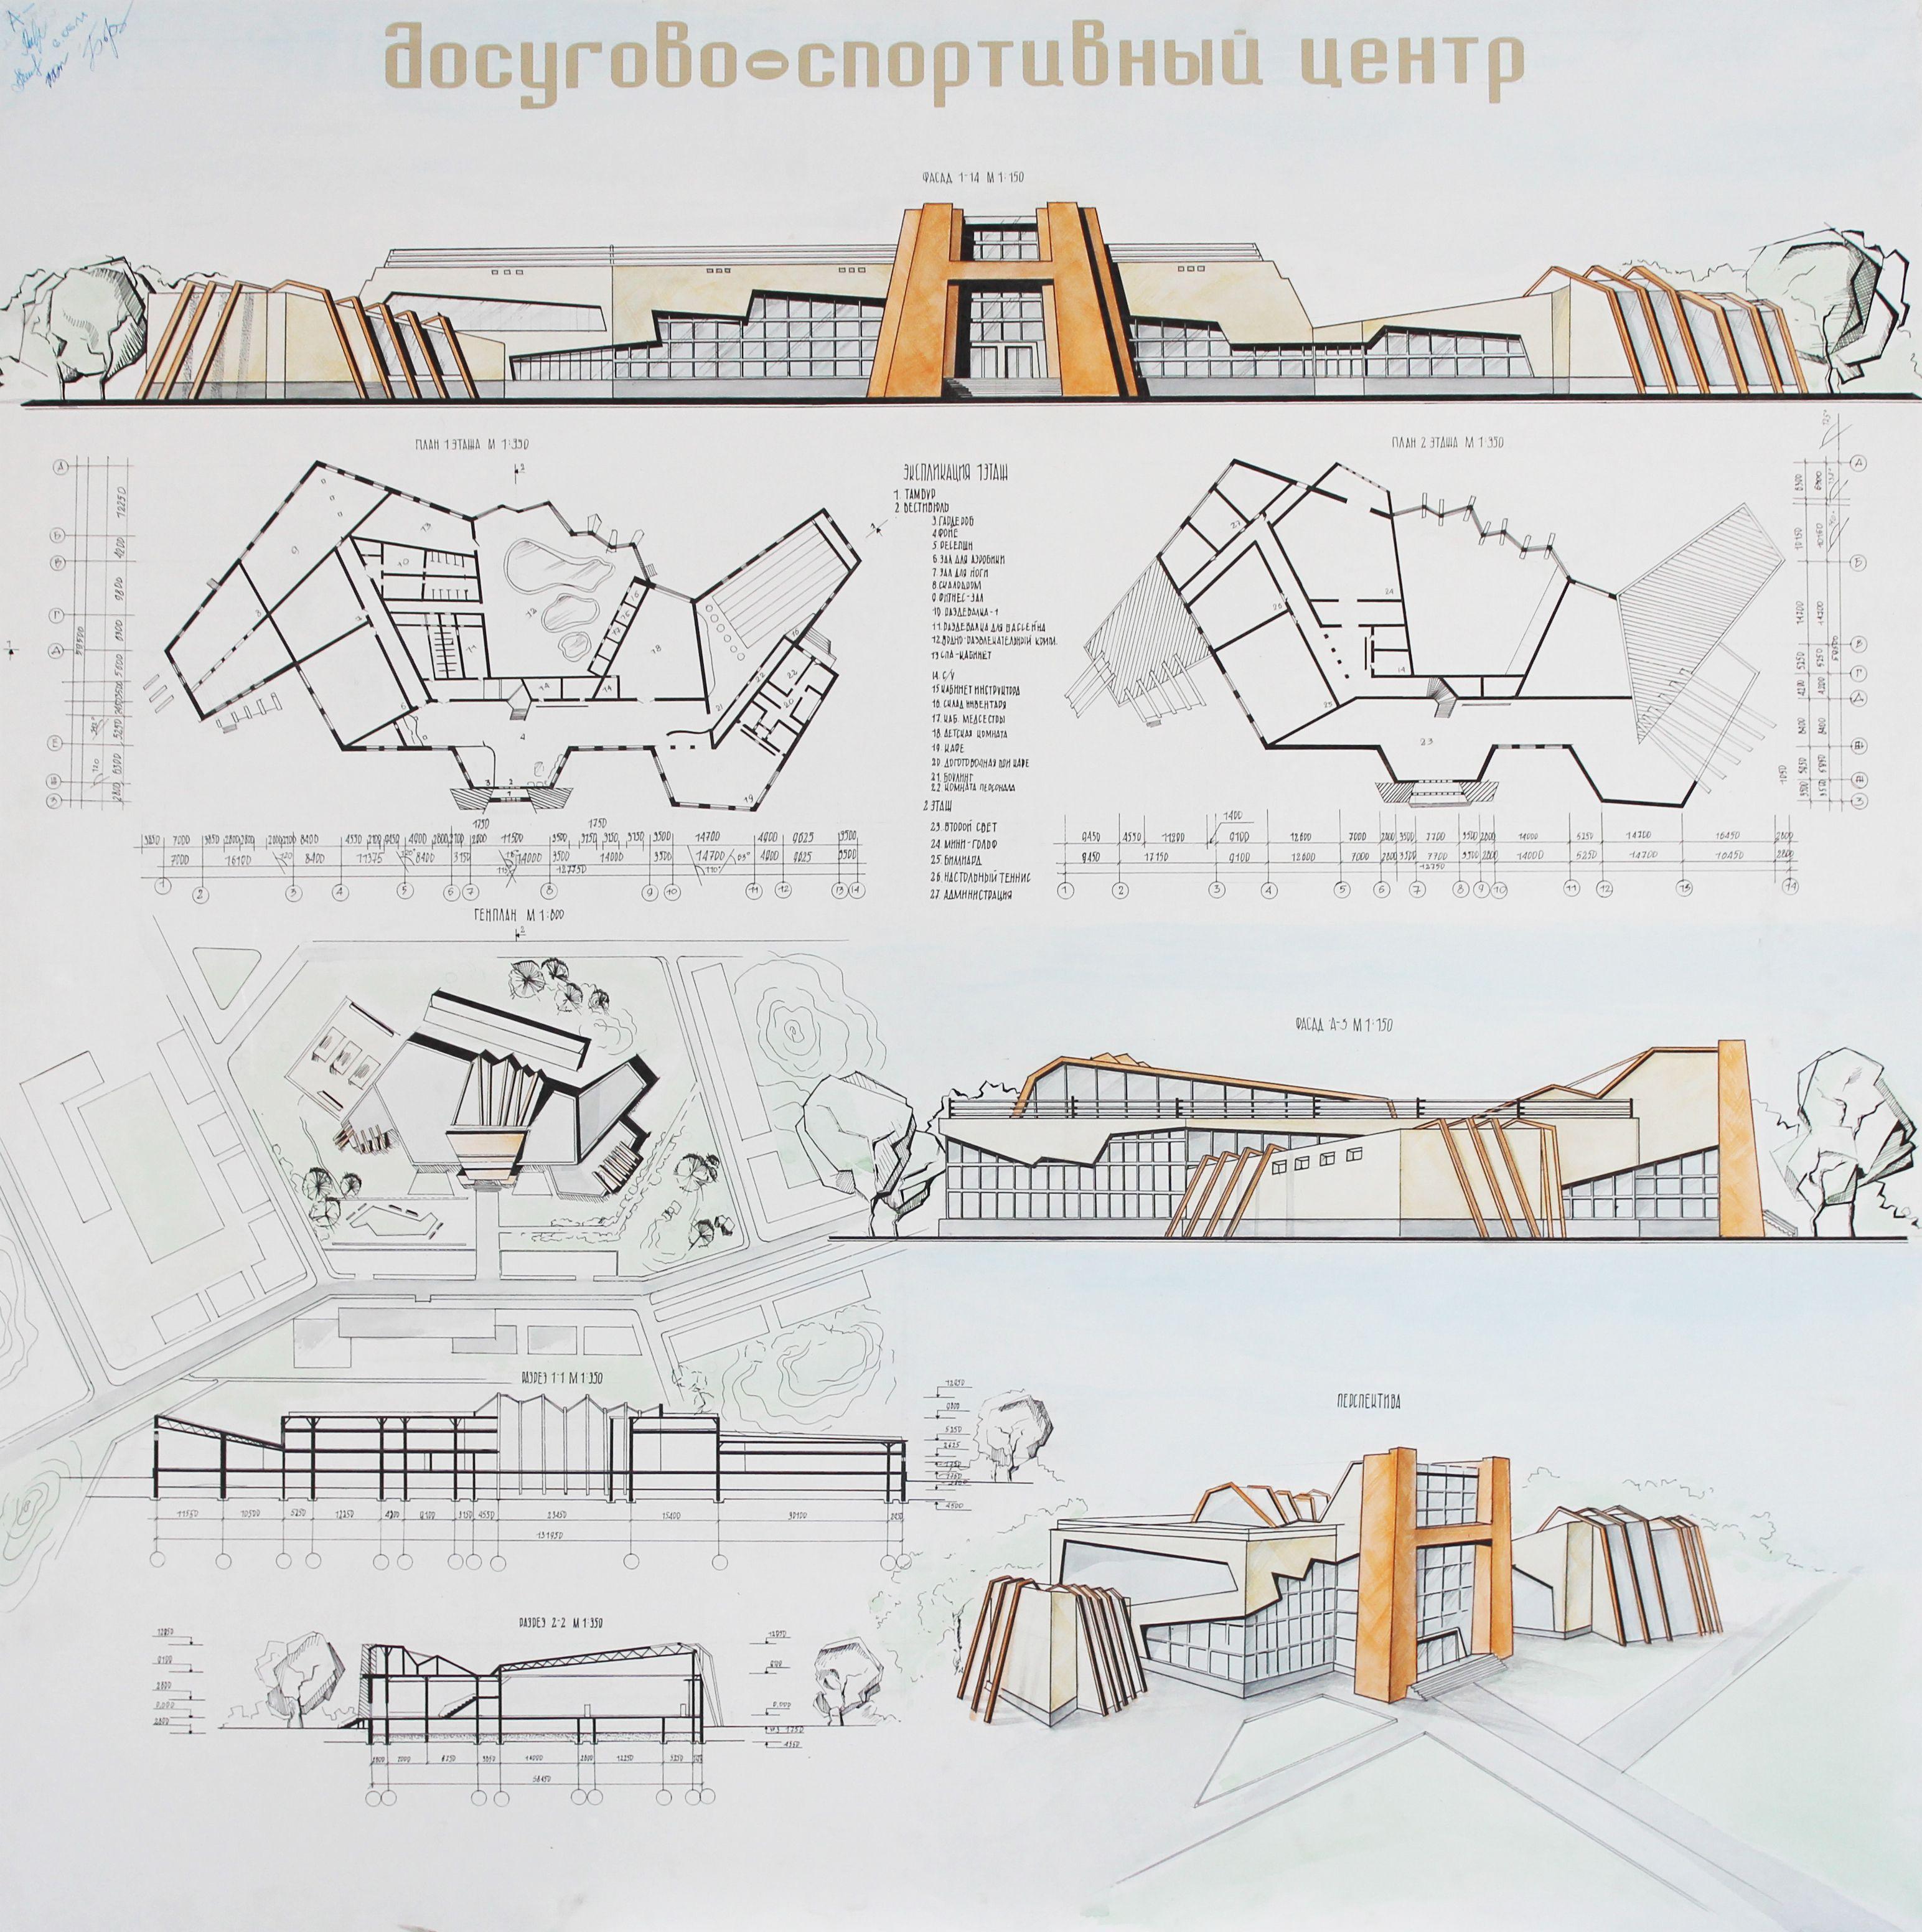 эскизы и модели макеты проектов оформление курсовых работ